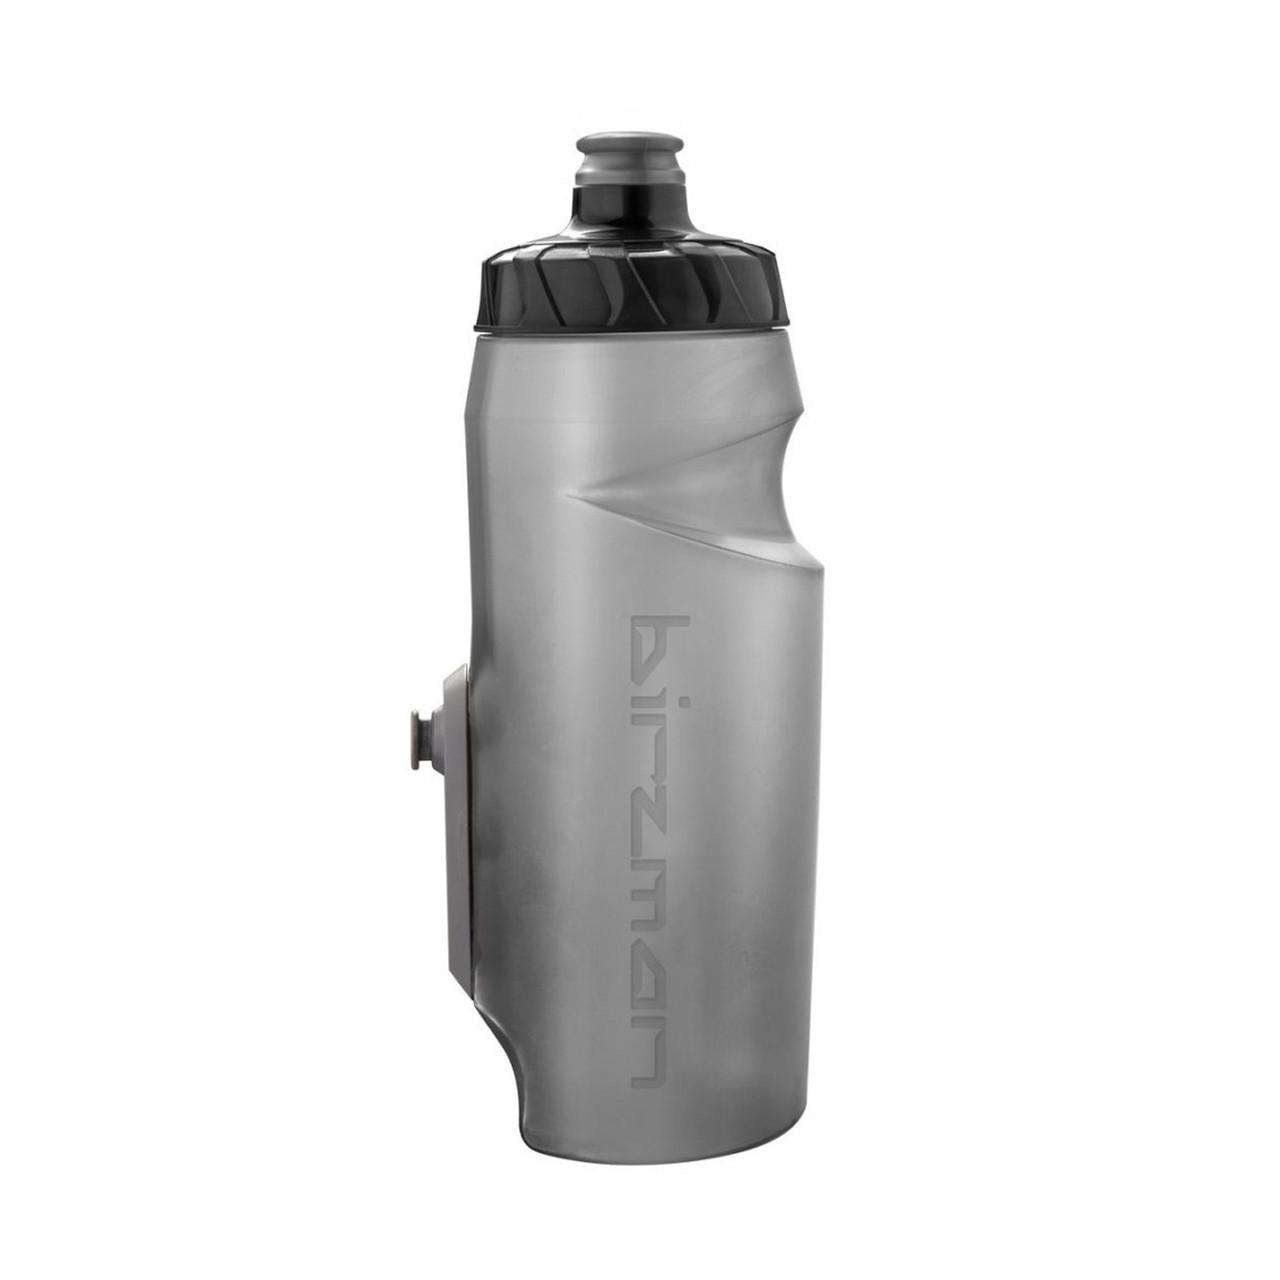 Фляга Birzman BottleCleat черная, 650мл (ST)